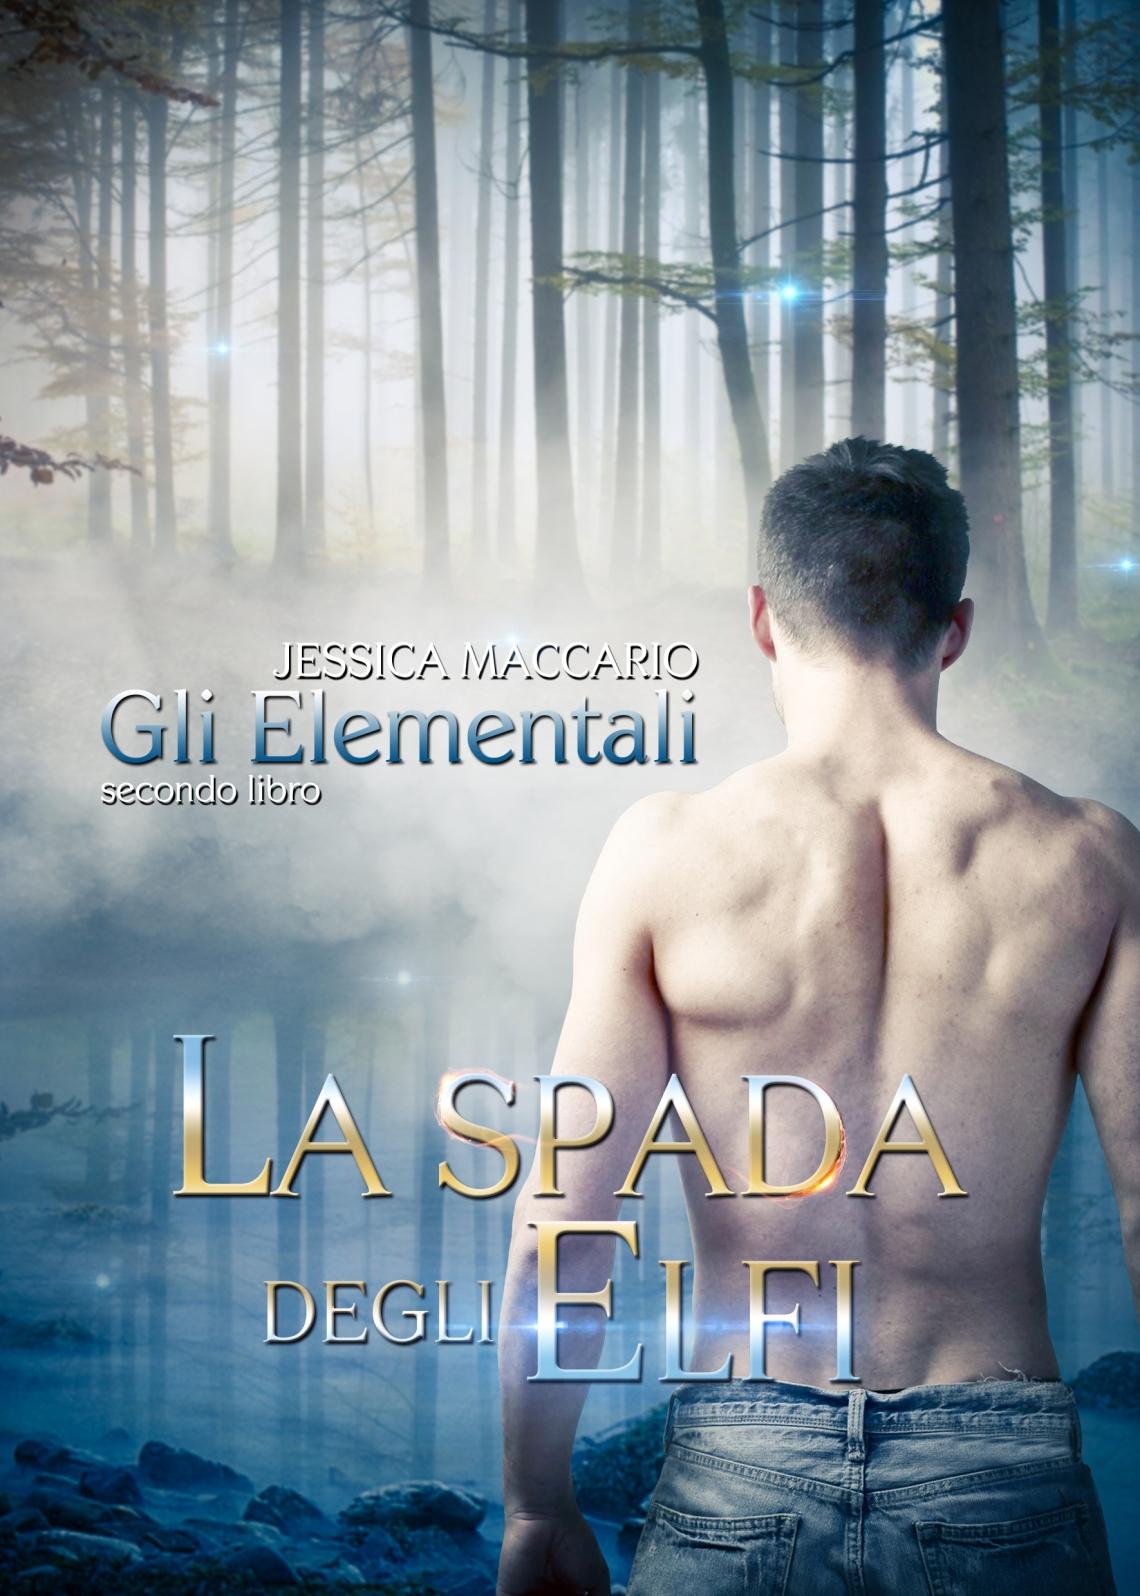 GLI ELEMENTALI 2 - COVER EBOOK (1)